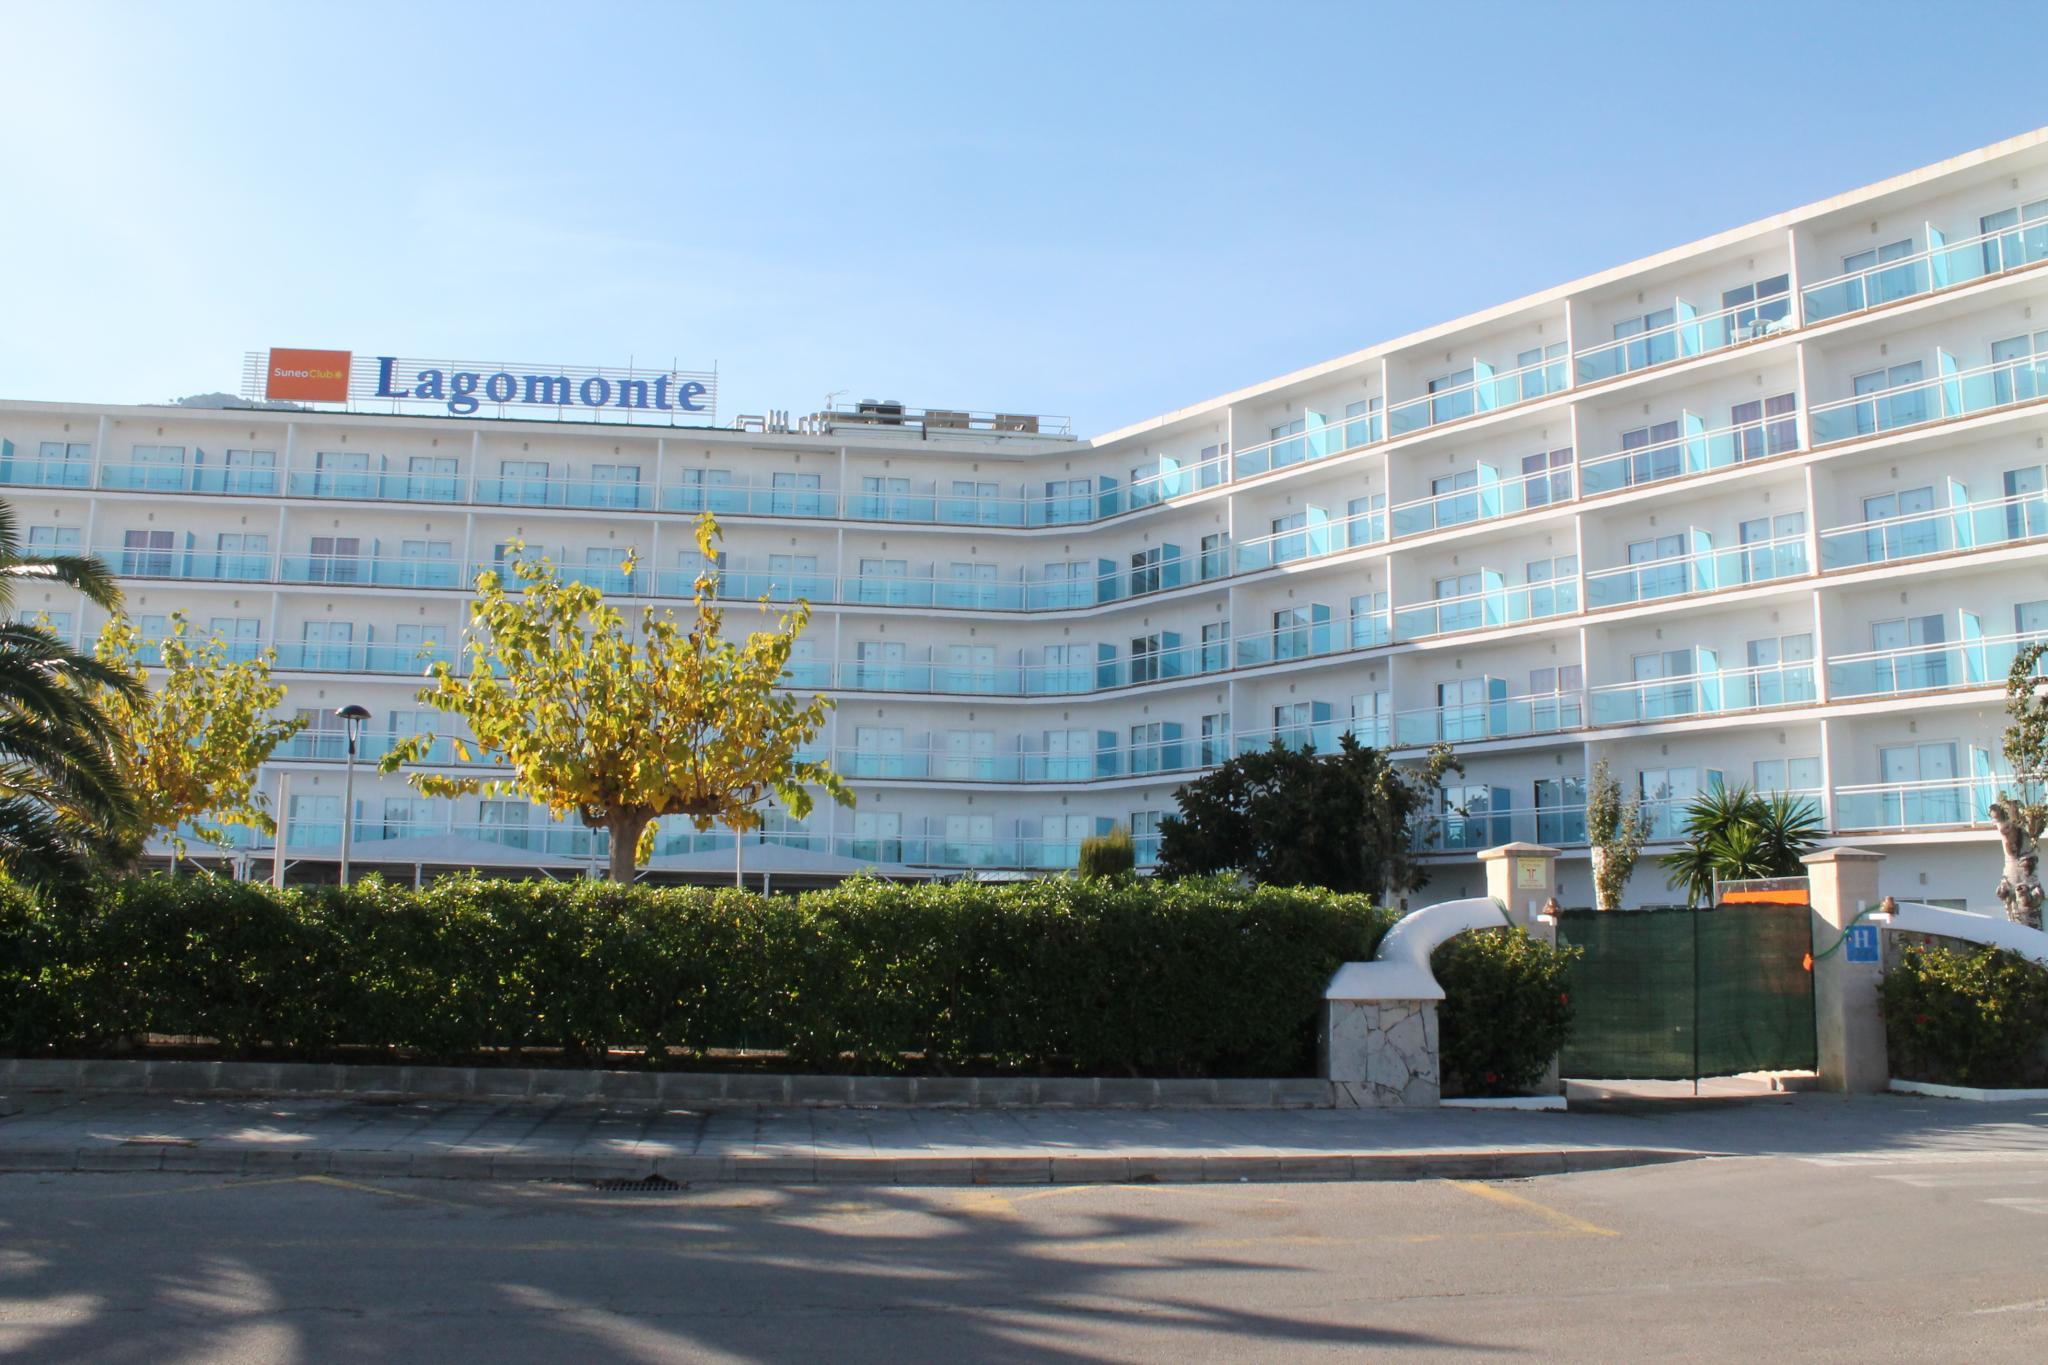 ALCUDIA - HOTELES - VISTA GENERAL DEL COMPLEJO BELLEVUE DE LA CADENA BLUEBAY HOTELS.